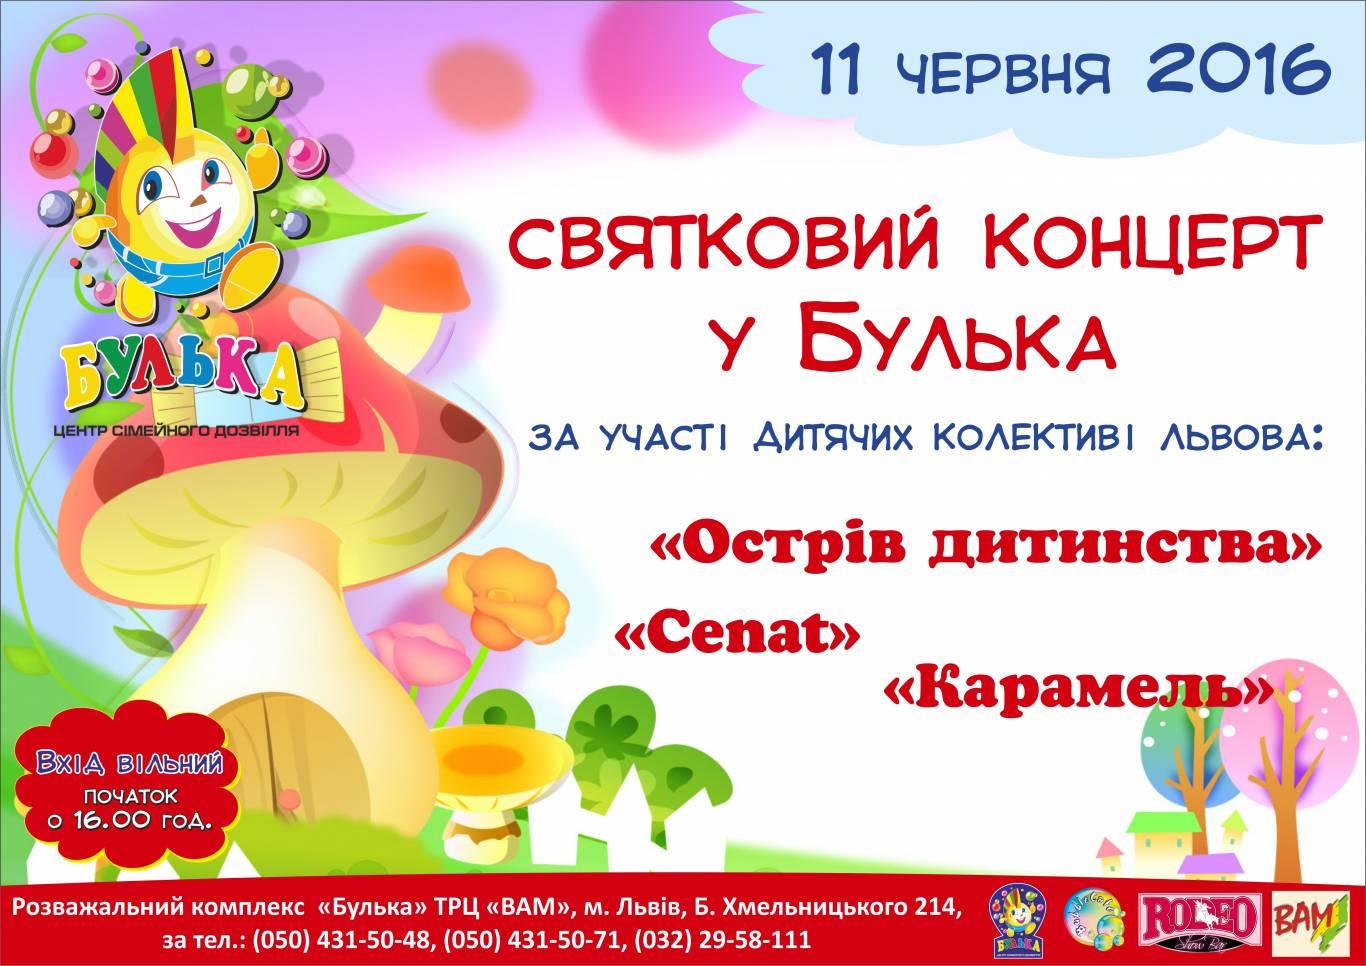 Святковий концерт за участі дитячих колективів